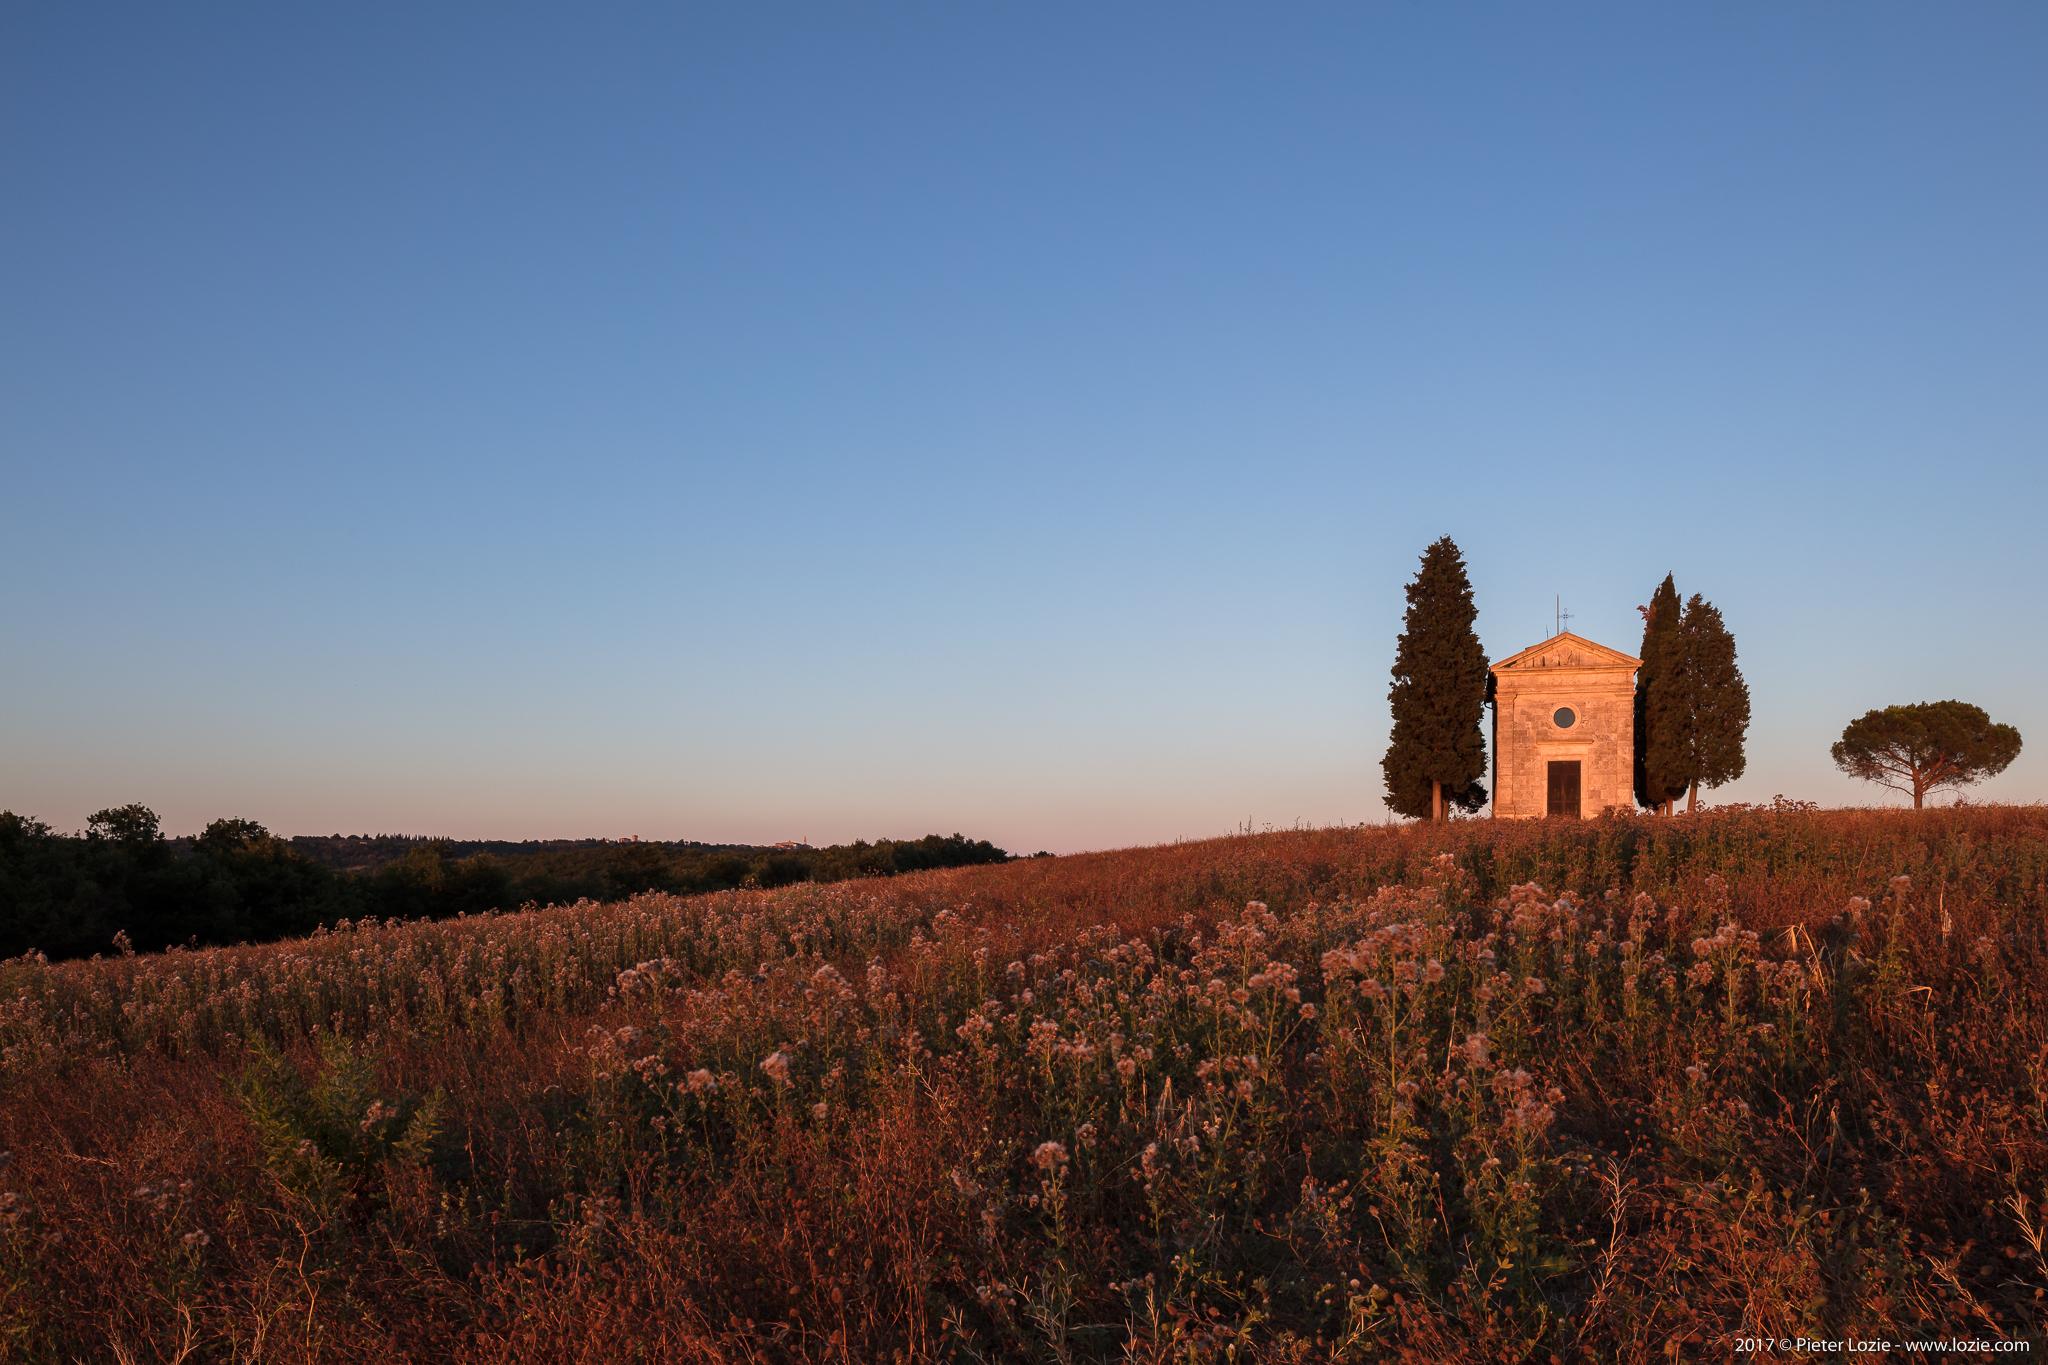 Chapel, Vitaleta, Tuscany, Italy